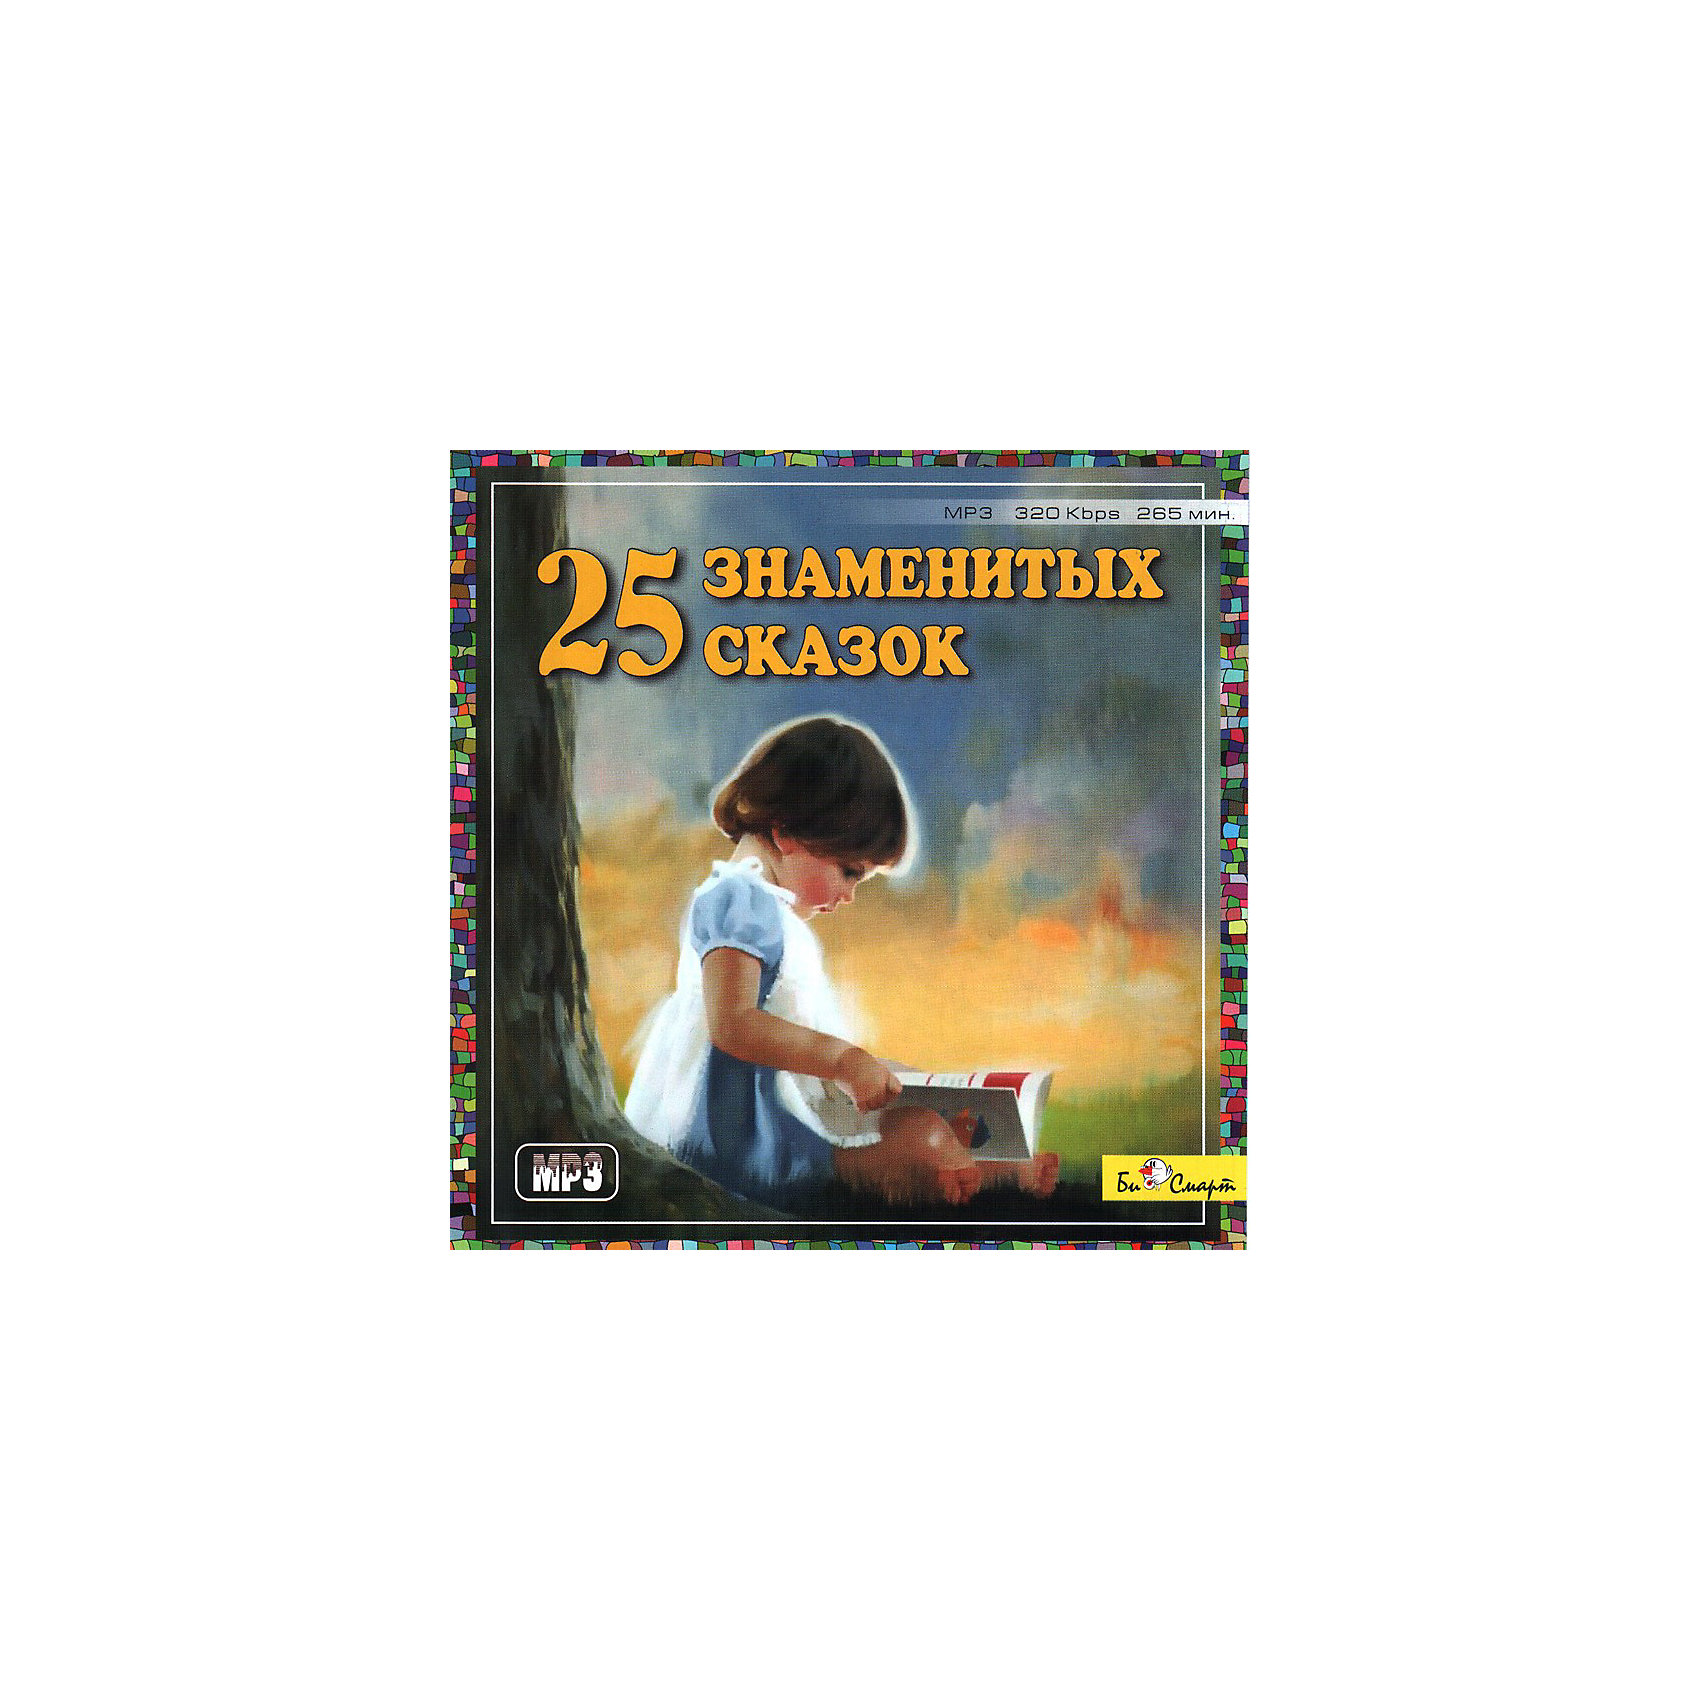 Би Смарт MP3. 25 знаменитых сказокБи Смарт<br>Аудиодиск со сказками от Би Смарт. <br><br>Хочешь попасть в волшебный и удивительный мир? <br><br>Тогда скорее послушай этот диск, ведь на нем тебя ждет настоящая сказка. Мир, где живут добрые, отважные герои и коварные, трусливые злодеи. Мир, где происходят настоящие чудеса, а добро всегда побеждает зло. <br><br>На этом диске собраны лучшие произведения великих детских писателей: Г.Х. Андерсена, Шарля Перро, Братьев Гримм.<br><br>Содержание:<br>1. Ганс Христиан Андерсен Стойкий оловянный солдатик<br>2. Ганс Христиан Андерсен Новый наряд короля<br>3. Шарль Перро Кот в сапогах<br>4. Шарль Перро Рики-Хохолок<br>5. Вильгельм Гримм, Якоб Гримм Мальчик-с-пальчик<br>6. Владимир Одоевский Городок в табакерке<br>7. Вильгельм Гримм, Якоб Гримм Три сына<br>8. Аладдин и волшебная лампа<br>9. Три поросенка<br>10. По щучьему велению<br>11. Вильгельм Гримм, Якоб Гримм Бременские музыканты<br>12. Всеволод Гаршин Лягушка-путешественница<br>13. Шарль Перро Красная шапочка<br>14. Ганс Христиан Андерсен Принцесса на горошине<br>15. Шарль Перро Золушка<br>16. Вильгельм Гримм, Якоб Гримм Белоснежка и семь гномов<br>17. Ганс Христиан Андерсен Русалочка<br>18. Ганс Христиан Андерсен Дюймовочка<br>19. Вильгельм Гримм, Якоб Гримм Горшочек каши<br>20. Шарль Перро Подарки феи<br>21. Ганс Христиан Андерсен Дикие лебеди<br>22. Лидия Чарская Чудесная звездочка<br>23. Лидия Чарская Сказка о красоте<br>24. Шарль Перро Спящая красавица<br>25.Вильгельм Гримм, Якоб Гримм Госпожа Метелица<br><br>Дополнительная информация:<br><br>Формат: MP3.<br>Общее время звучания: 205 мин.<br><br>Ширина мм: 142<br>Глубина мм: 10<br>Высота мм: 125<br>Вес г: 79<br>Возраст от месяцев: 36<br>Возраст до месяцев: 72<br>Пол: Унисекс<br>Возраст: Детский<br>SKU: 2375637